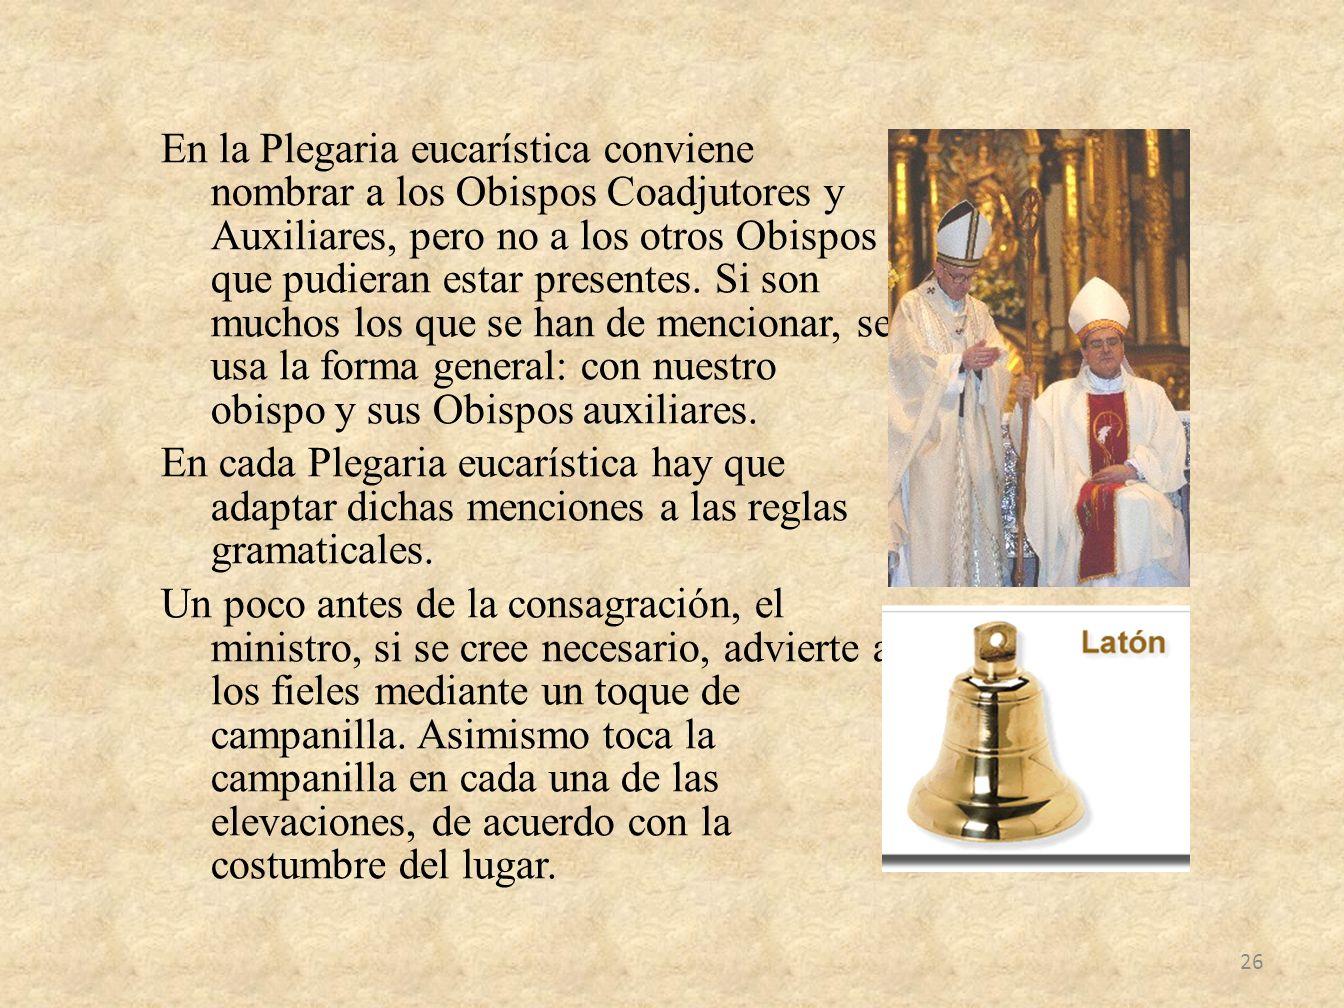 En la Plegaria eucarística conviene nombrar a los Obispos Coadjutores y Auxiliares, pero no a los otros Obispos que pudieran estar presentes.